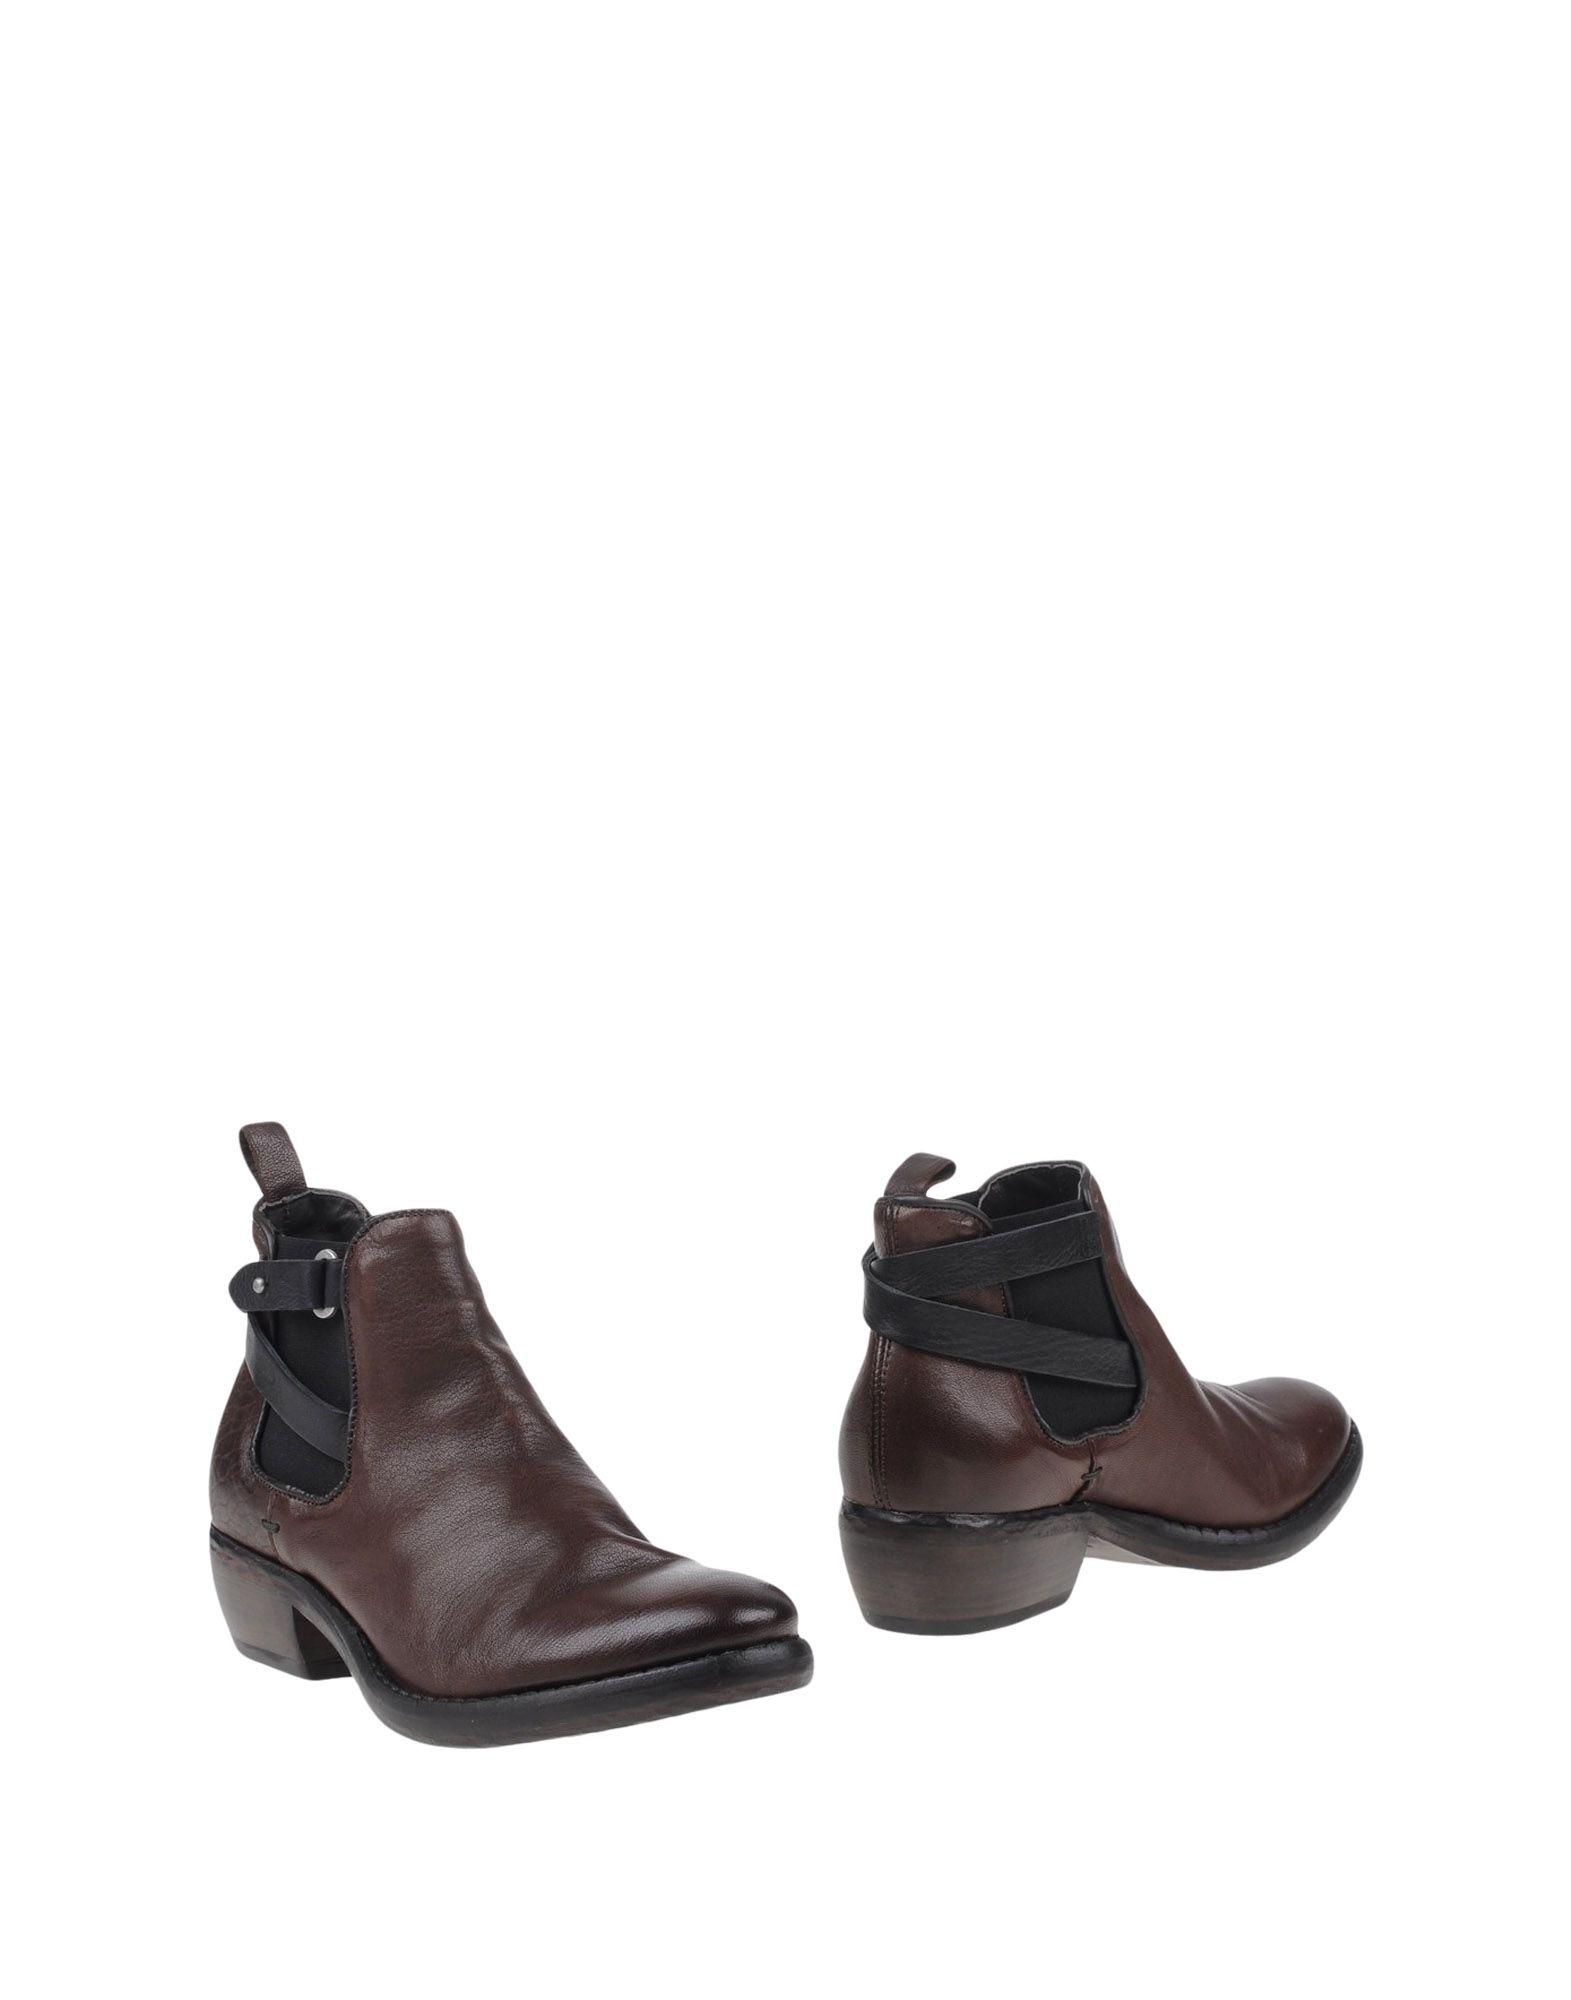 цены на CATARINA MARTINS Полусапоги и высокие ботинки  в интернет-магазинах